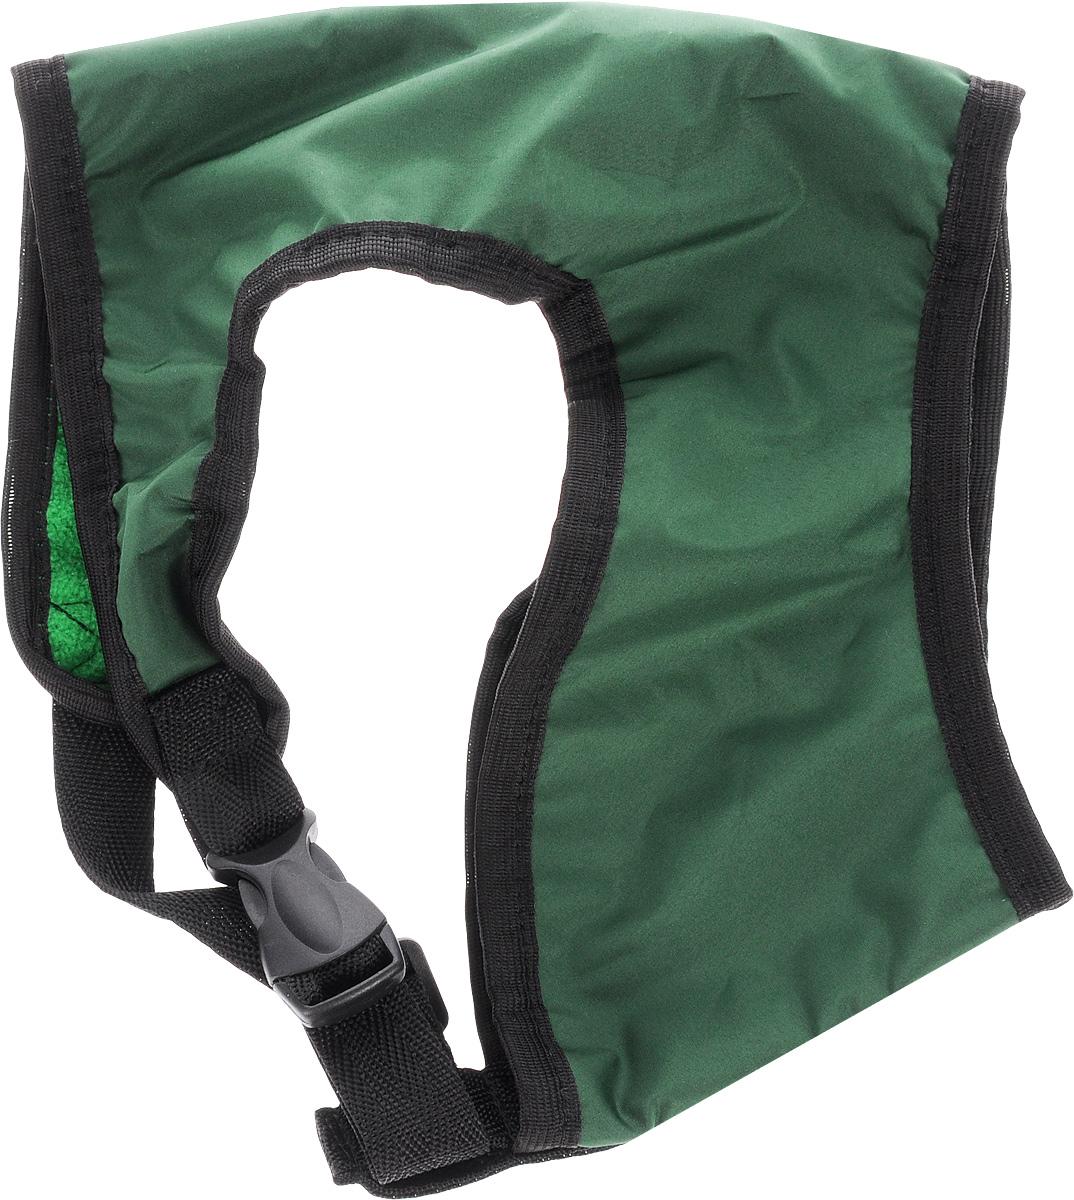 Шлейка для собак ЗооМарк, цвет: зеленый, черный. Размер 3Ш-3_зеленый, черныйШлейка для собак ЗооМарк выполнена из оксфорда, а на подкладке используется флис. Изделие оснащено специальным крючком, к которому вы с легкостью сможете прикрепить поводок. Шлейка имеет застежку фастекс и регулируется при помощи пряжки. Шлейка - это альтернатива ошейнику. Правильно подобранная шлейка не стесняет движения питомца, не натирает кожу, поэтому животное чувствует себя в ней уверенно и комфортно. Изделие отличается высоким качеством, удобством и универсальностью. Обхват груди: 25-30 см. Длина спинки: 17 см. Ширина ремней: 2 см.